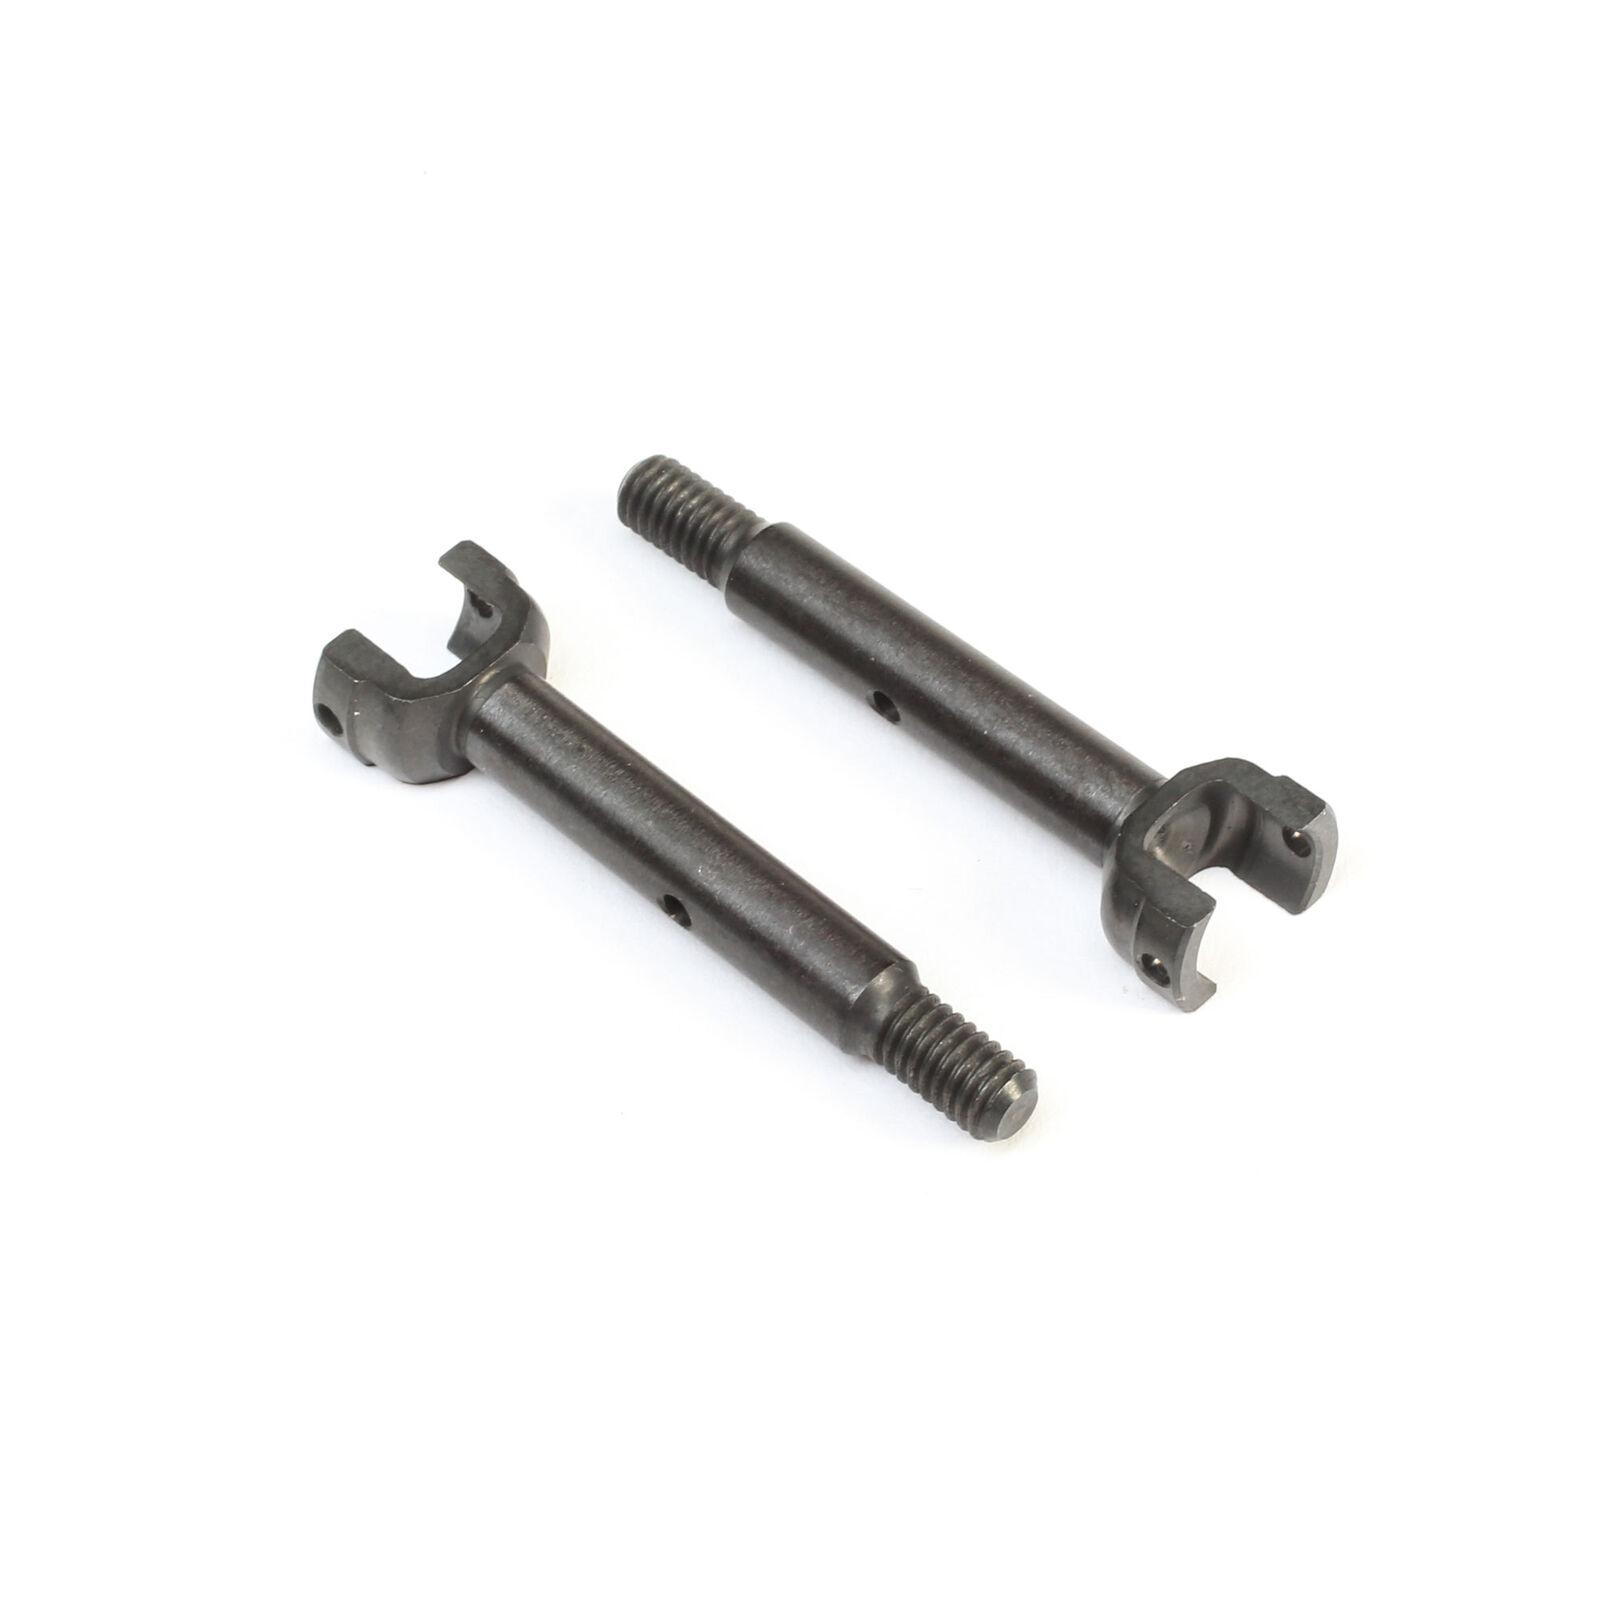 Lightweight Rear Axles (2): 22 5.0